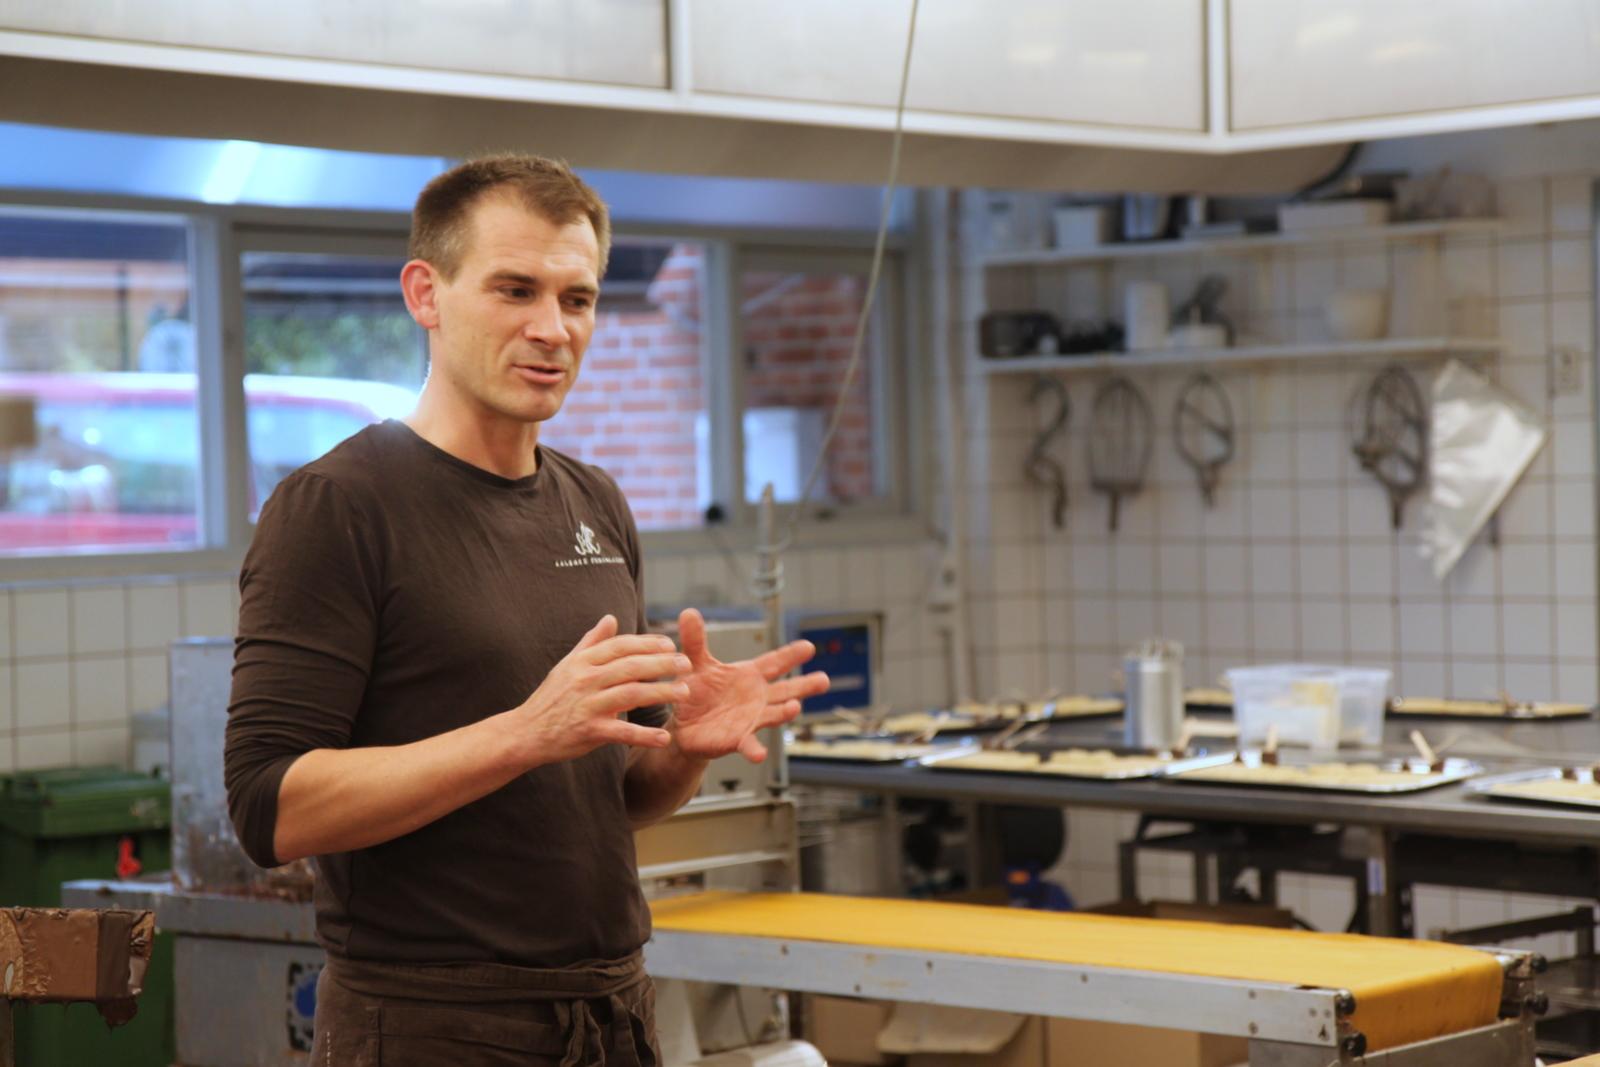 John Aslak Jensen - ejer af Aalborg Chokoladen, står og fortæller lidt om baggrunden for fabrikken og chokolade generelt, alt imens, der er smagprøver